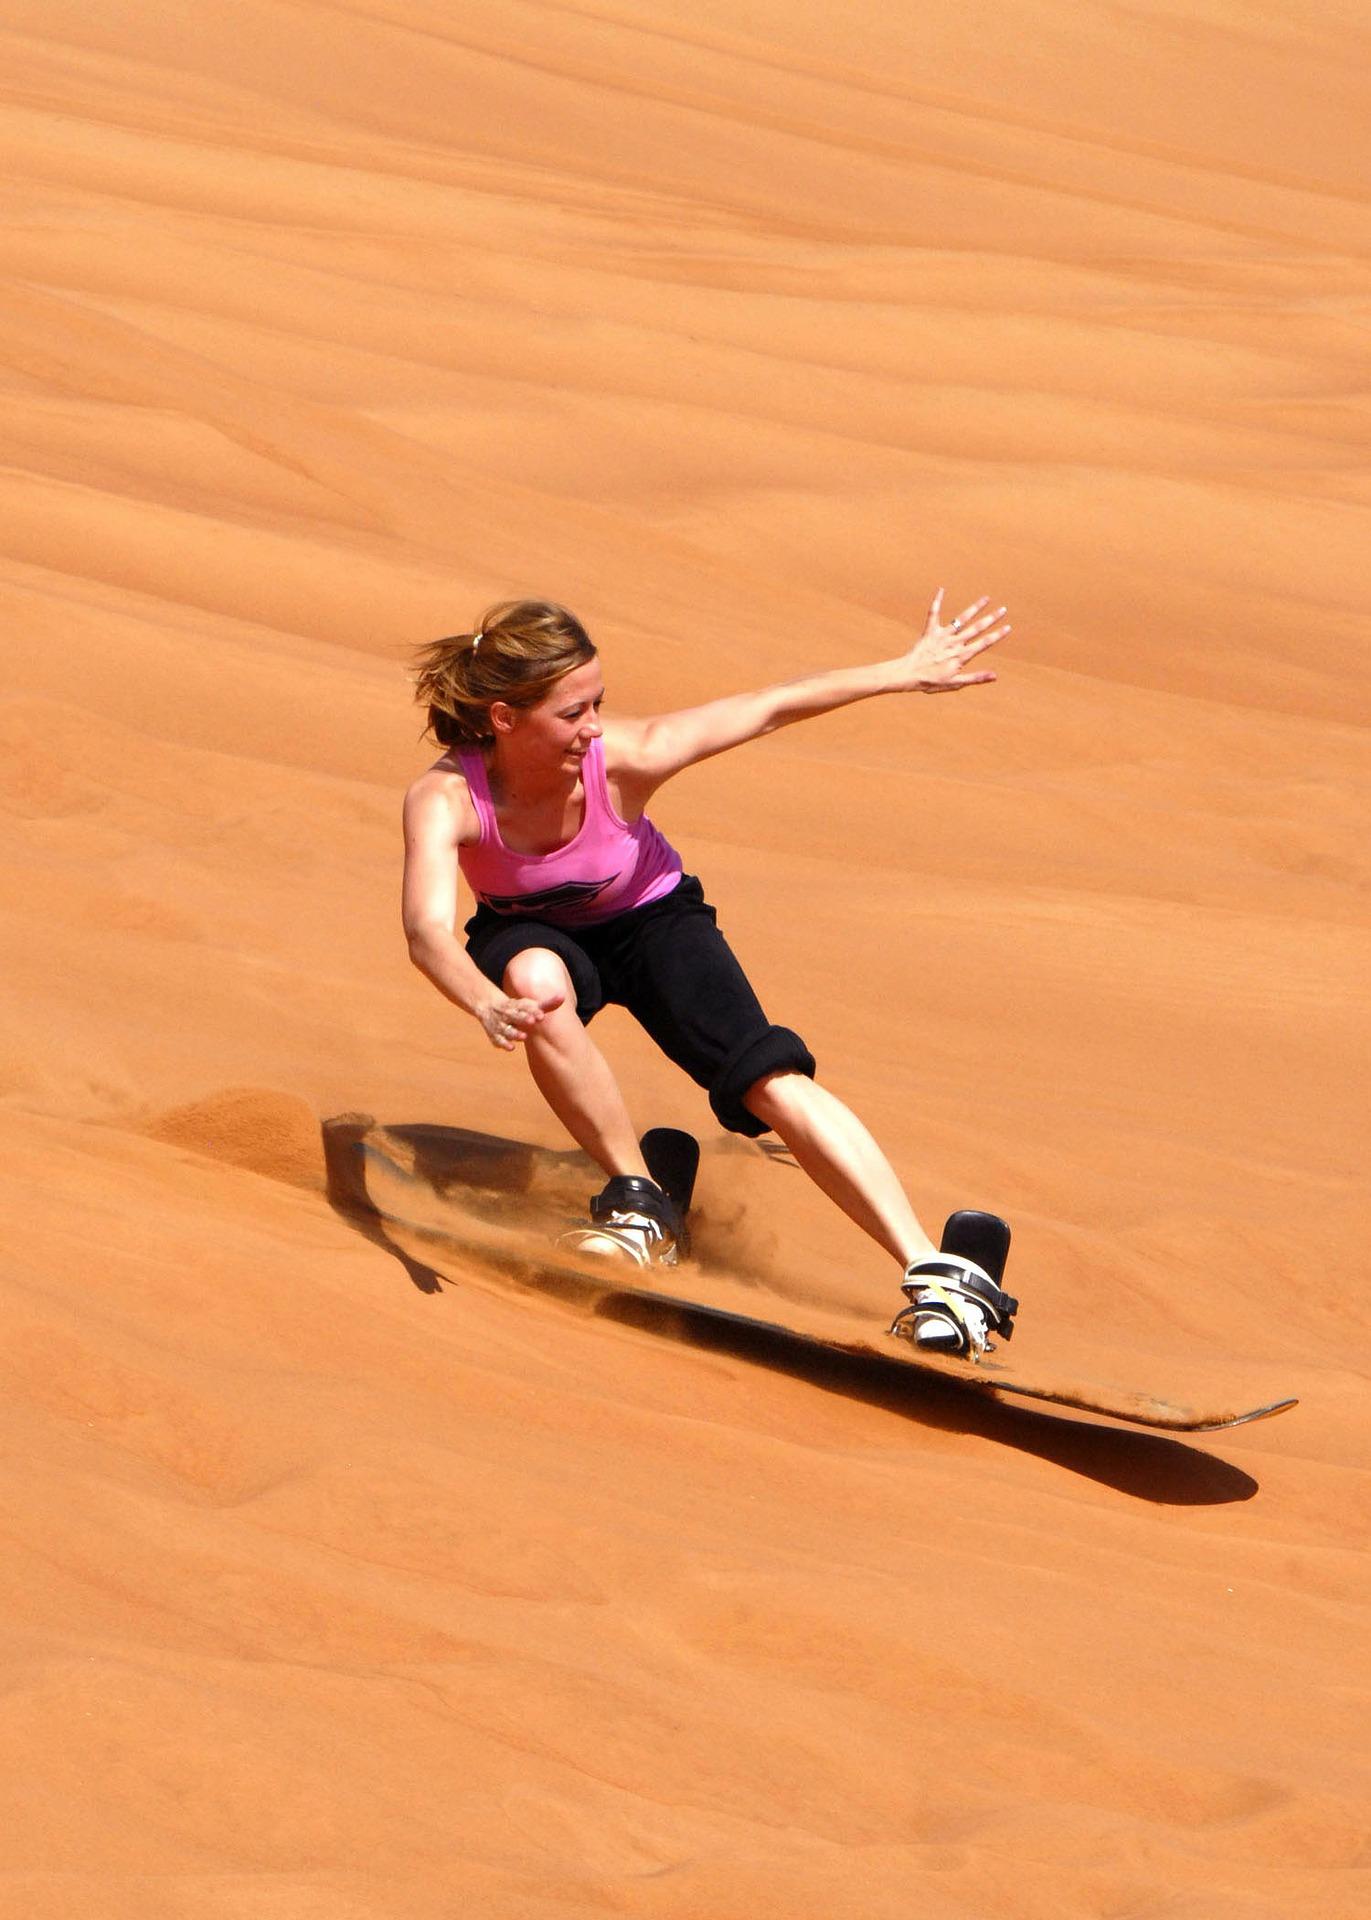 SandboardingSandBoardSandDuneSurf.jpg